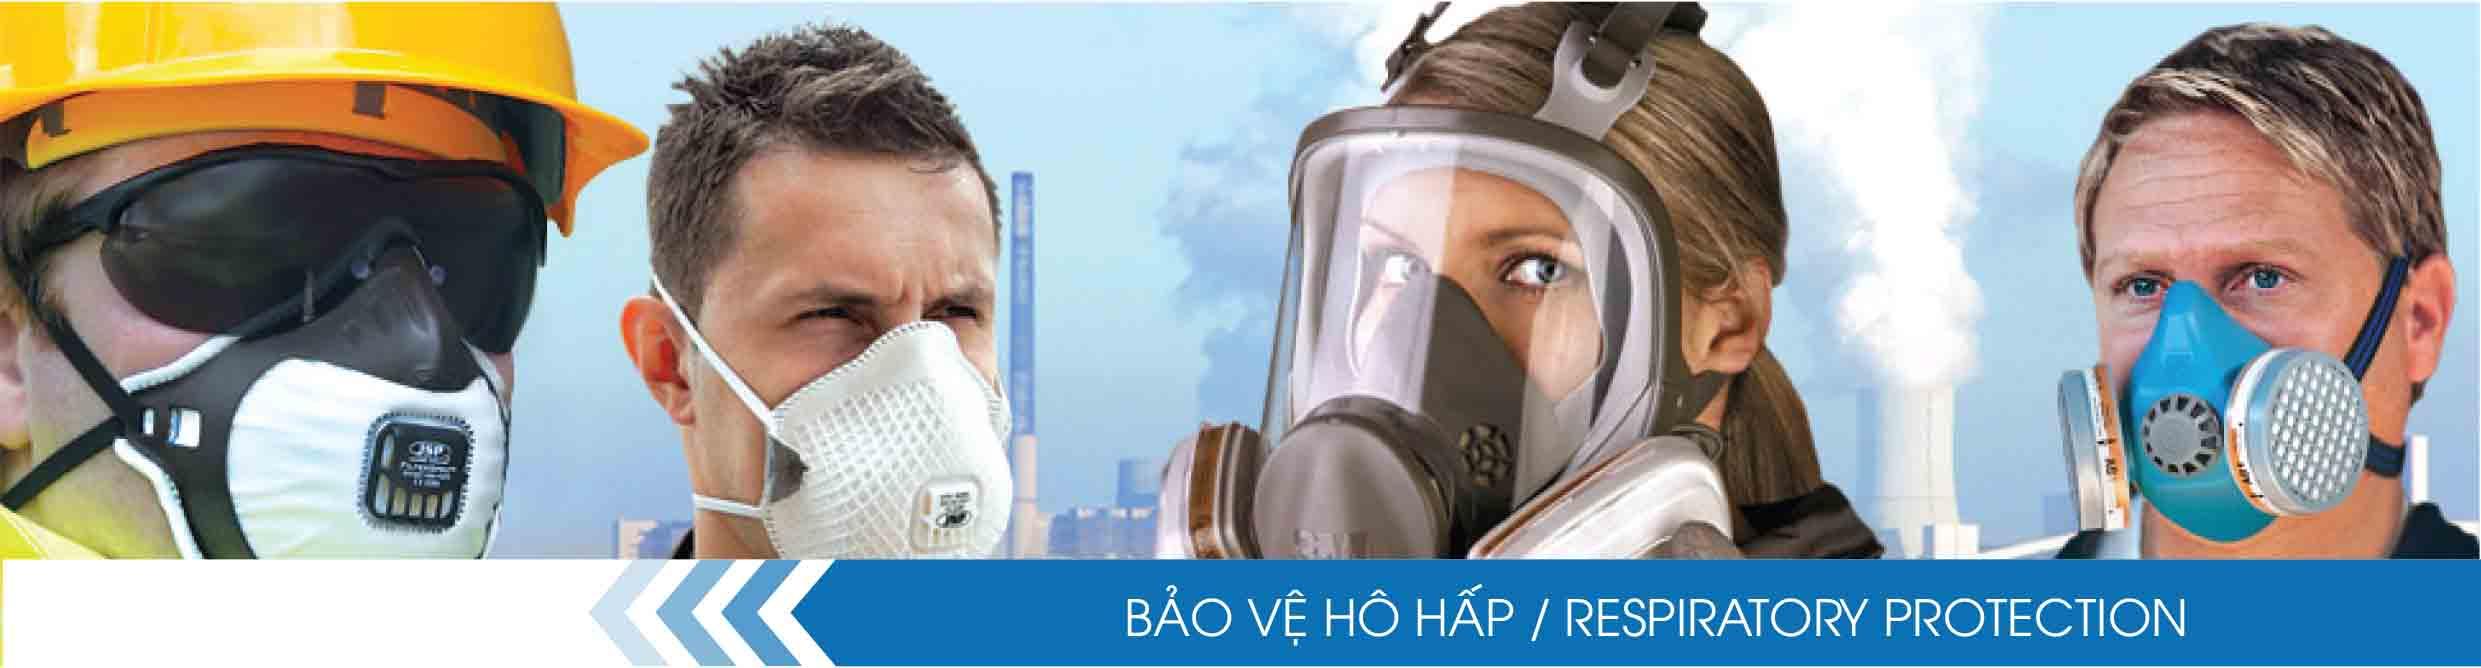 (Tiếng Việt) Bảo vệ hô hấp